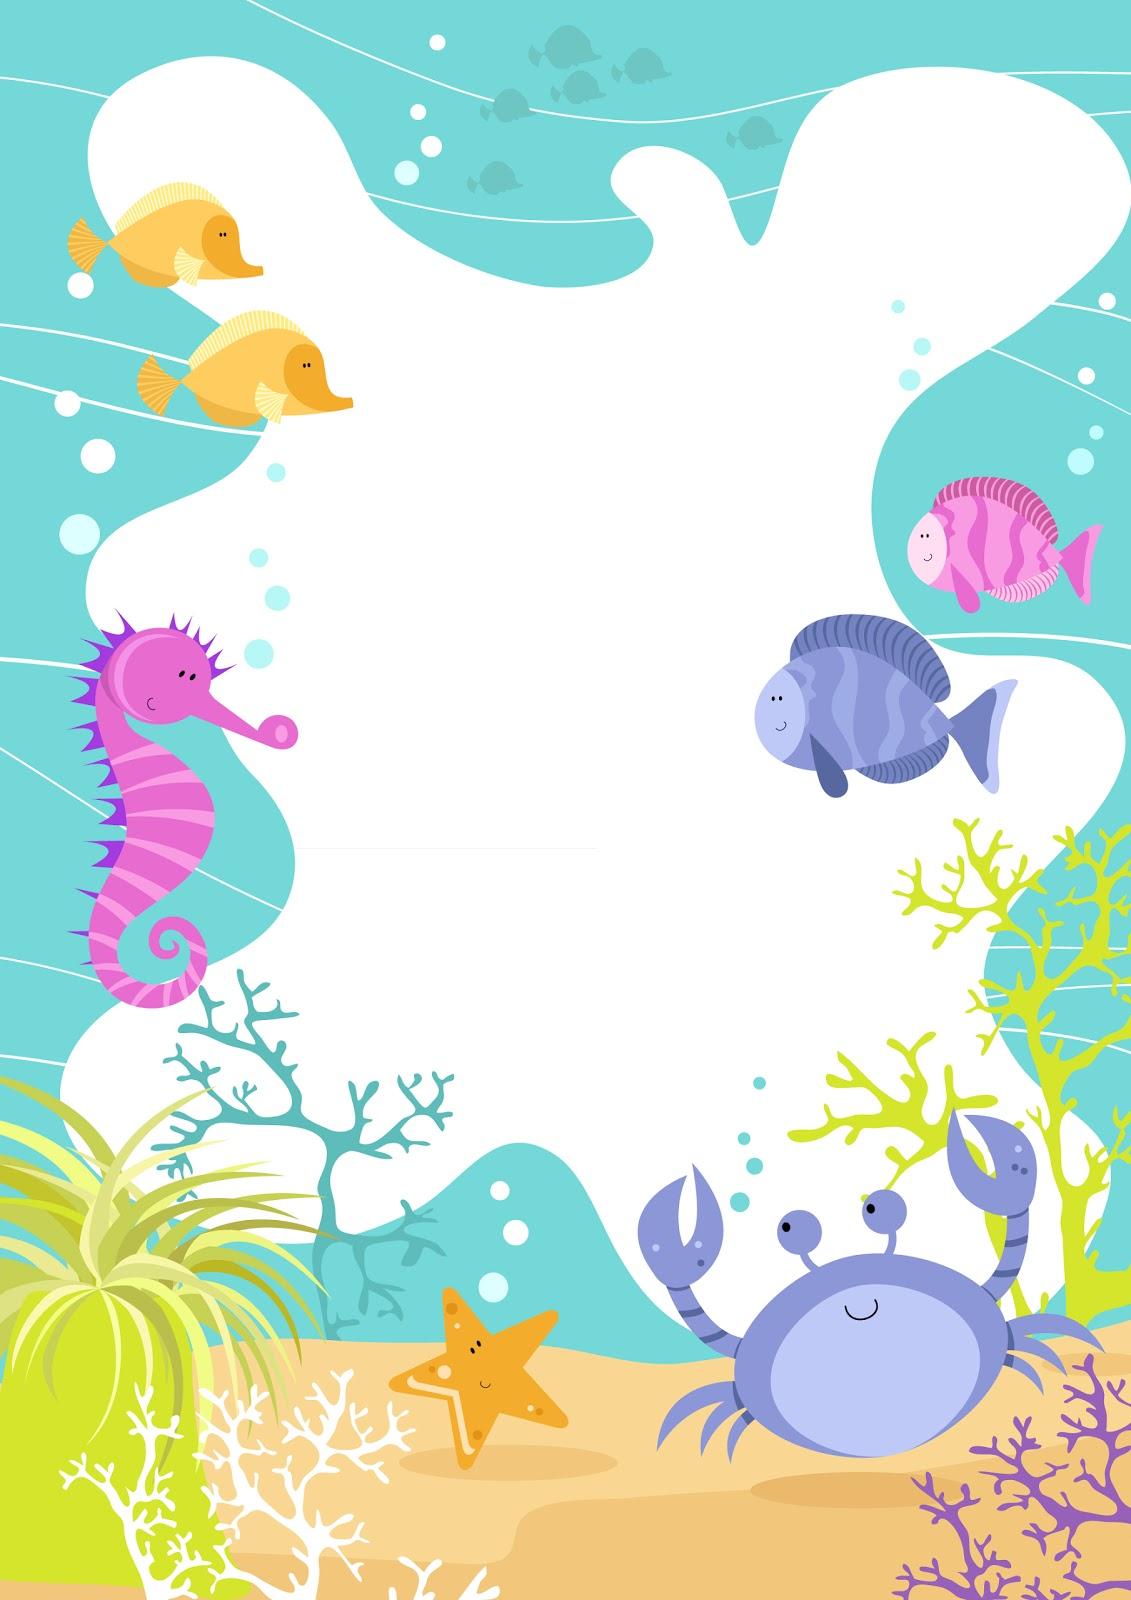 Seahorse clipart border #7